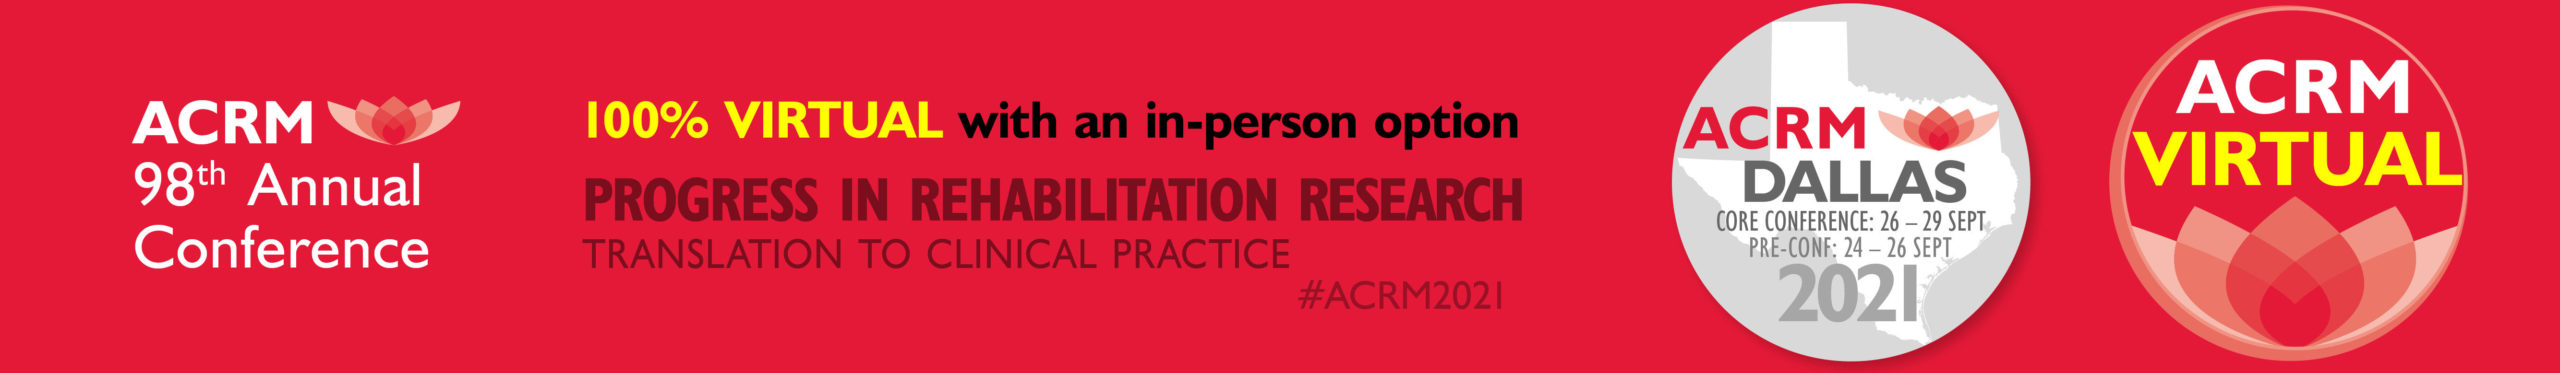 98th Annual ACRM Conference 2021 VIRTUAL and in-person DALLAS